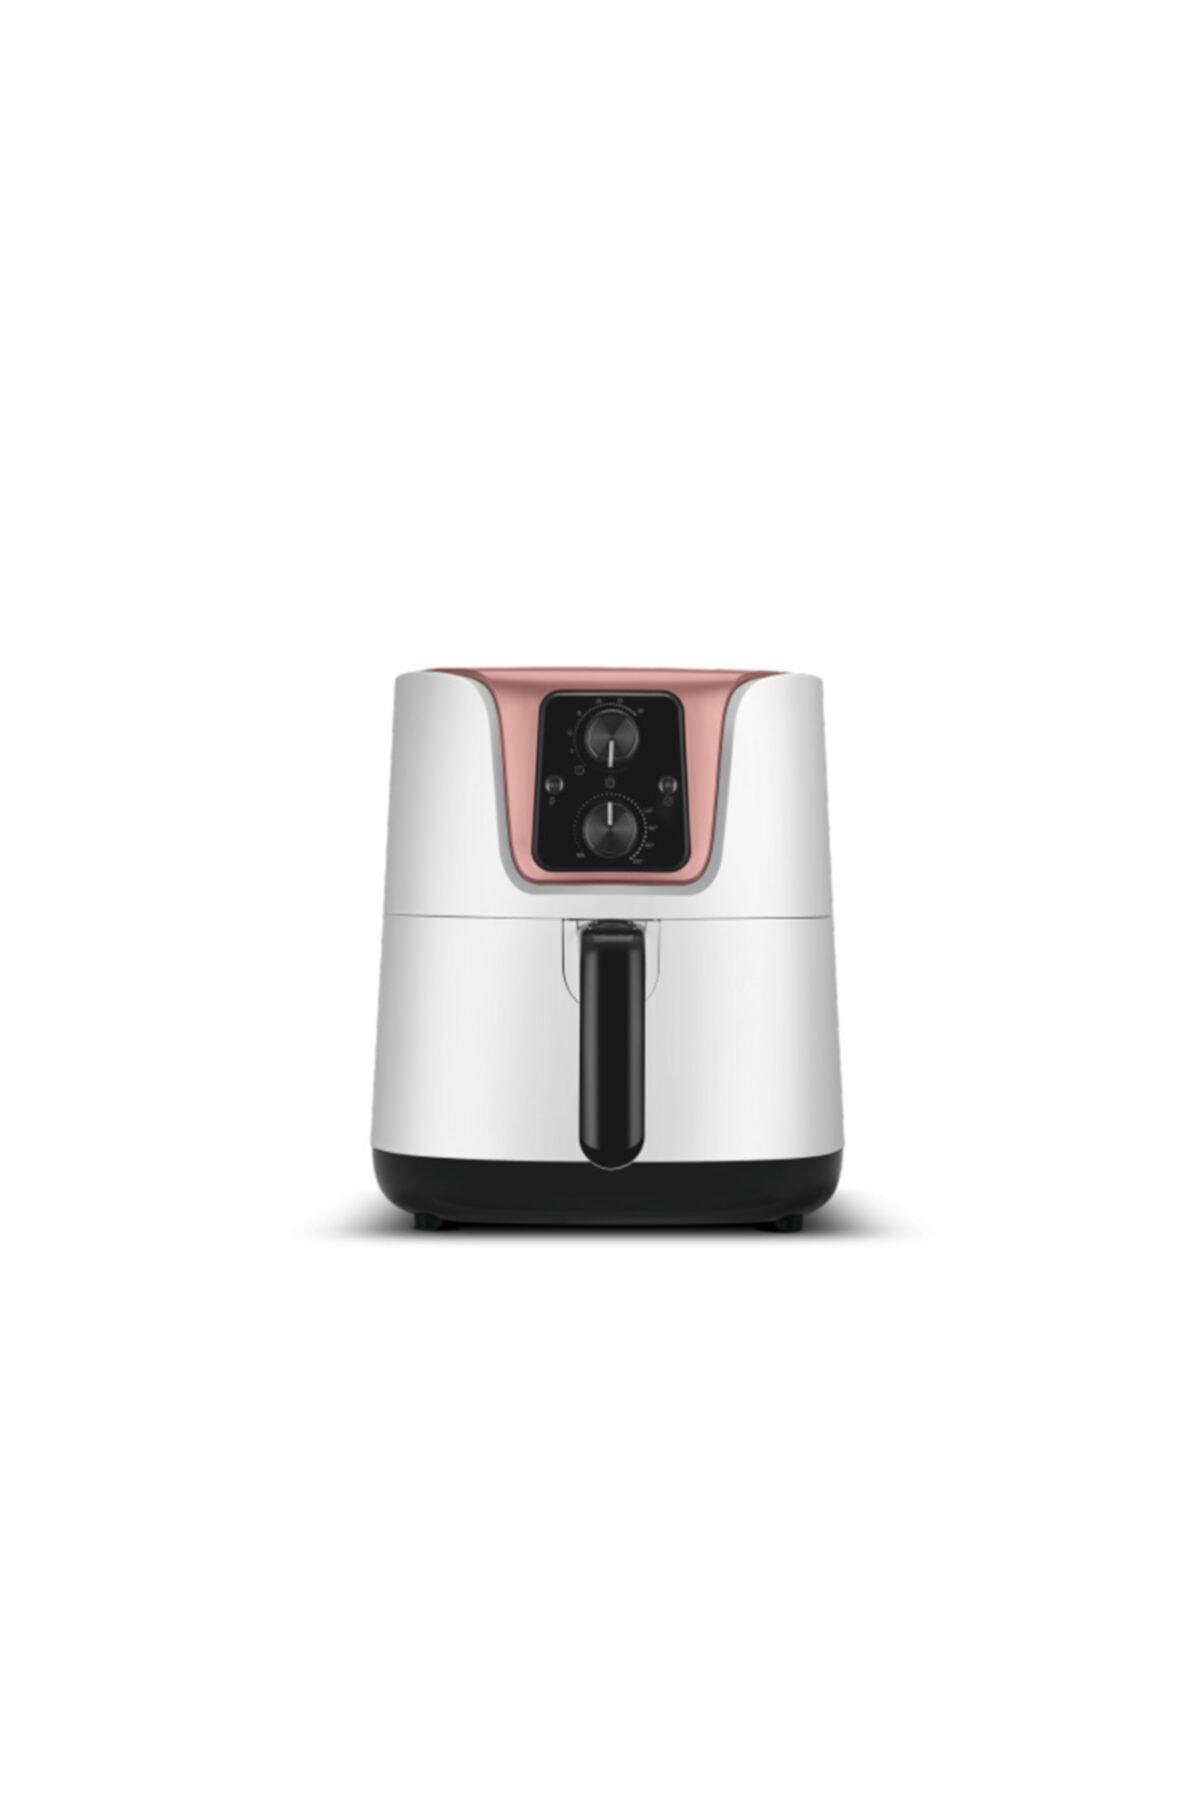 Arçelik Beyaz Az Yağlı Fritöz Fr 6032a Fiyatı, Yorumları - TRENDYOL